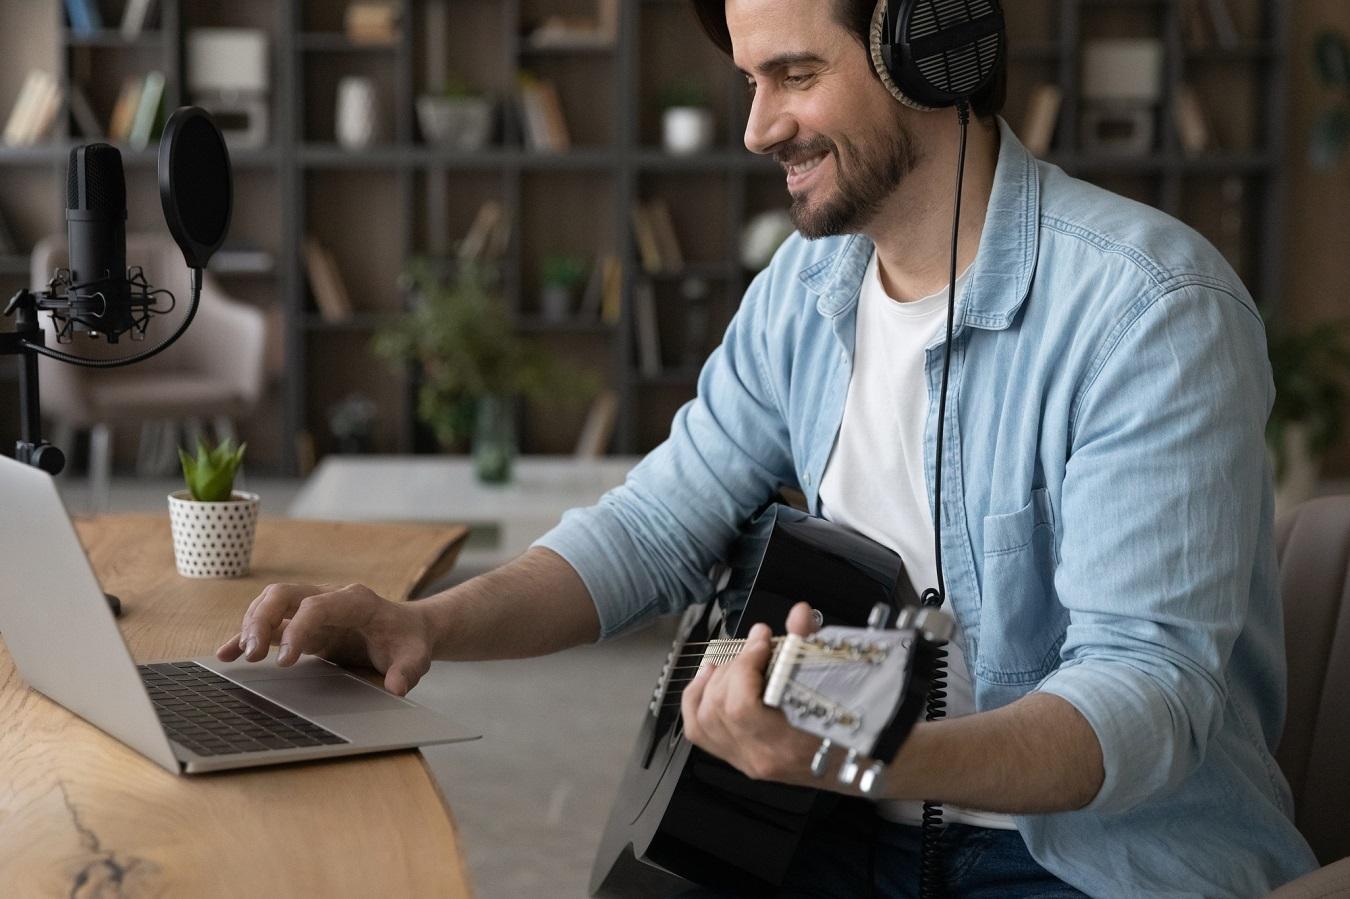 テクノロジーで拡がっていく音楽のフィールド